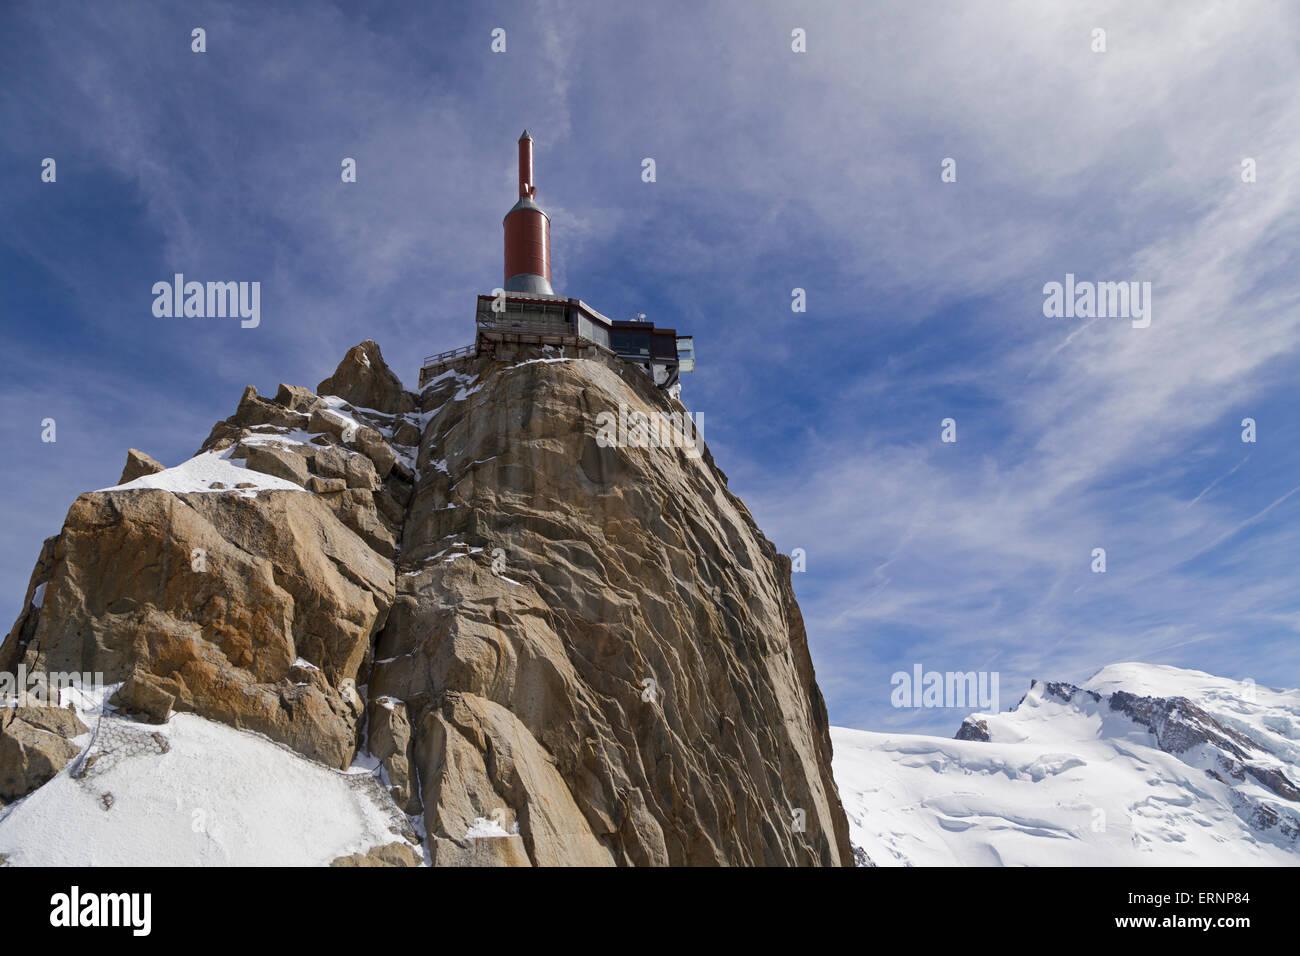 Mont Blanc peak (right) and Aiguille du Midi upper platform (left), Chamonix, Haute-Savoie, France - Stock Image